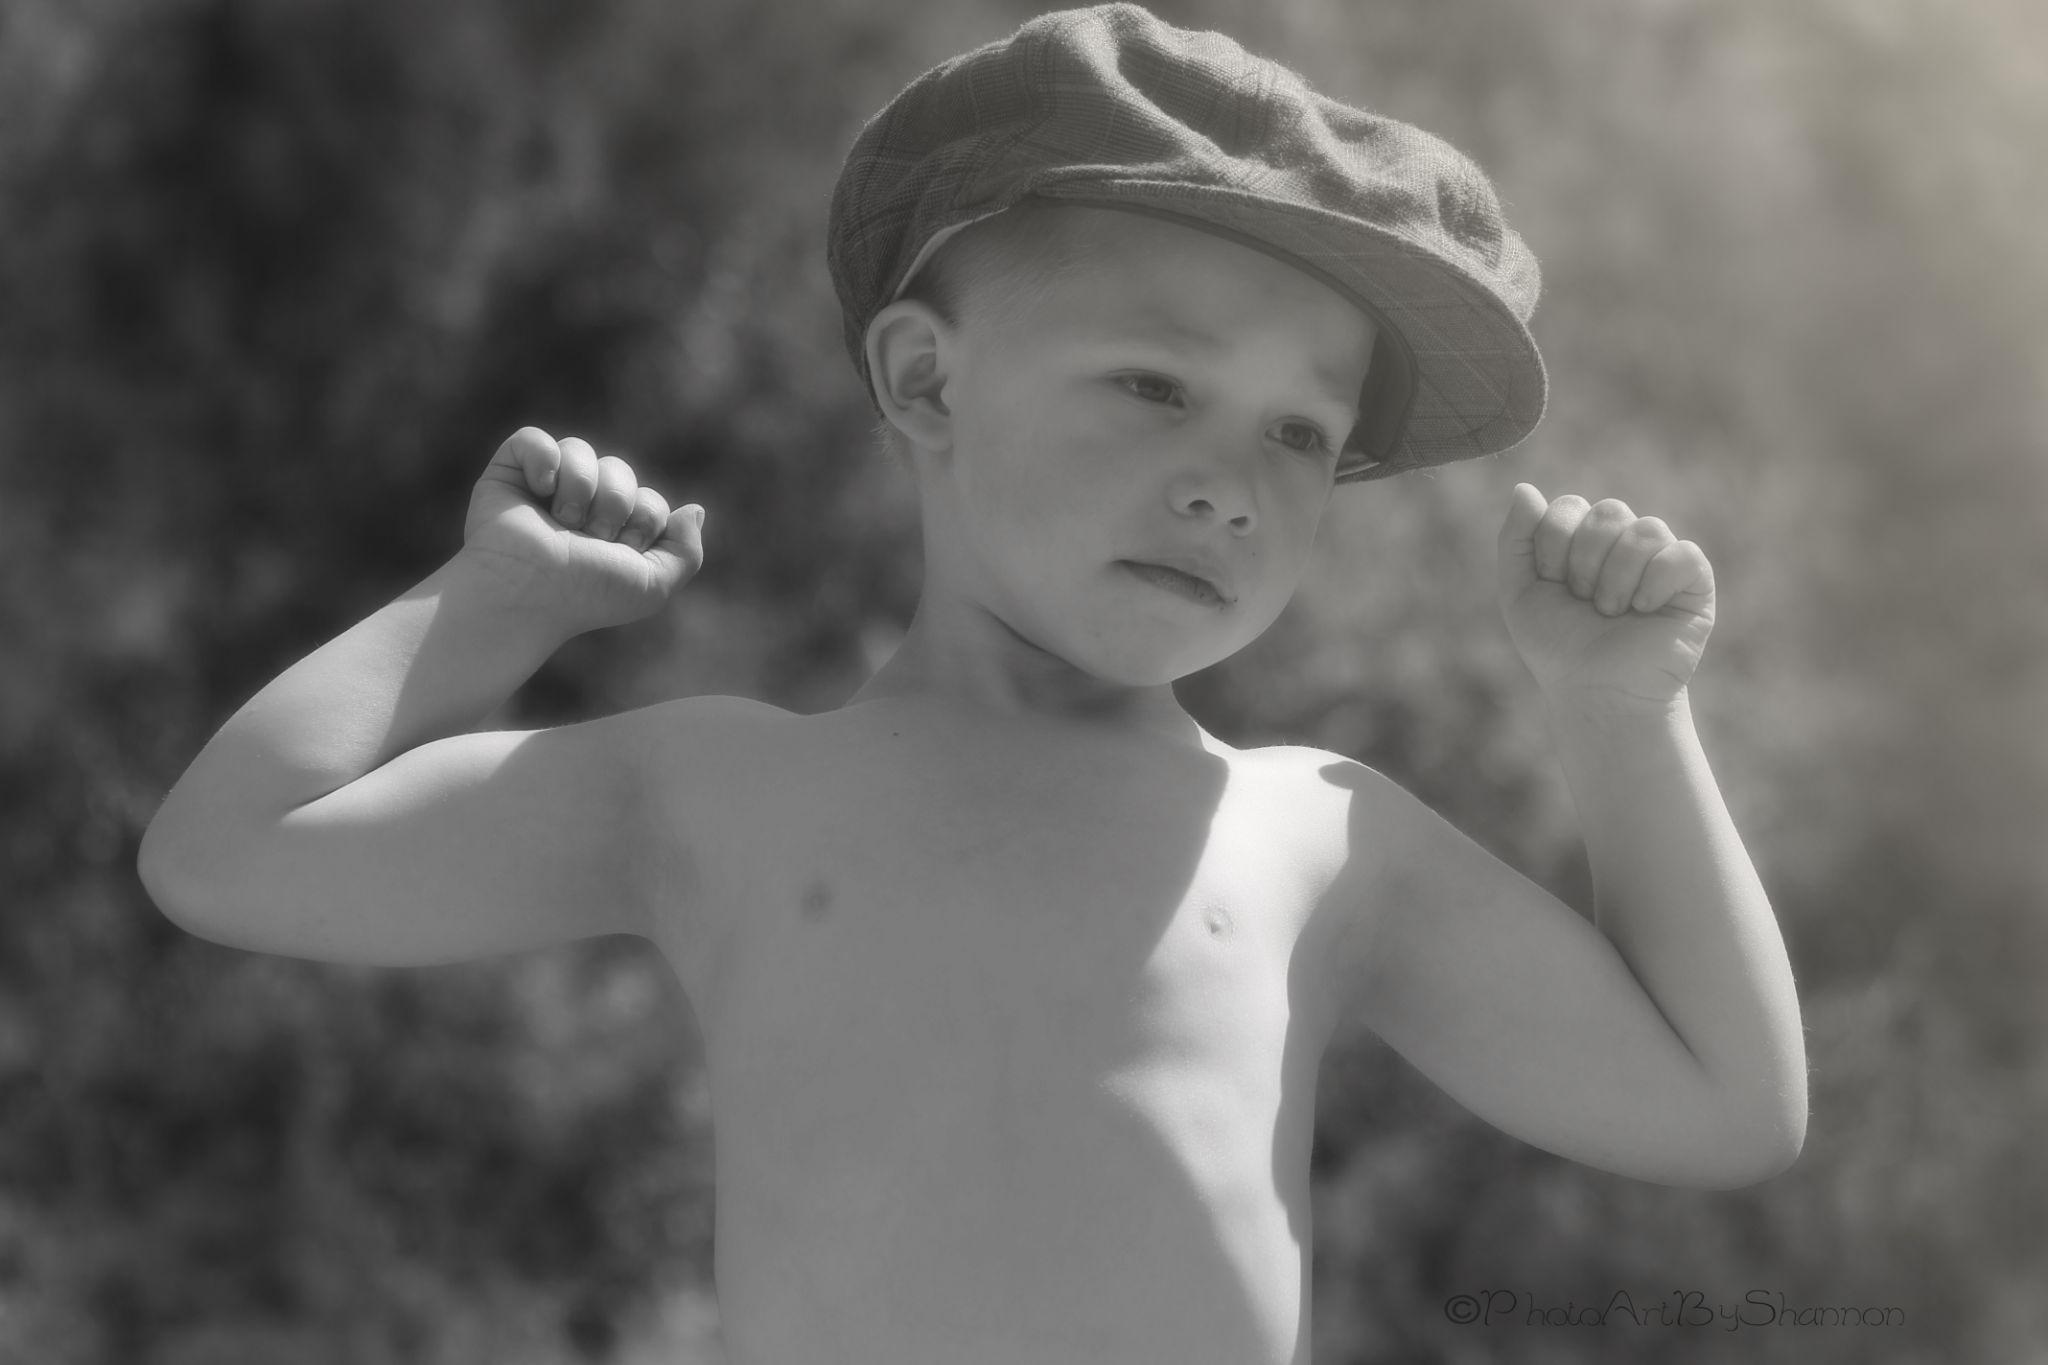 muscle man by Shannon Hreha-kilgore